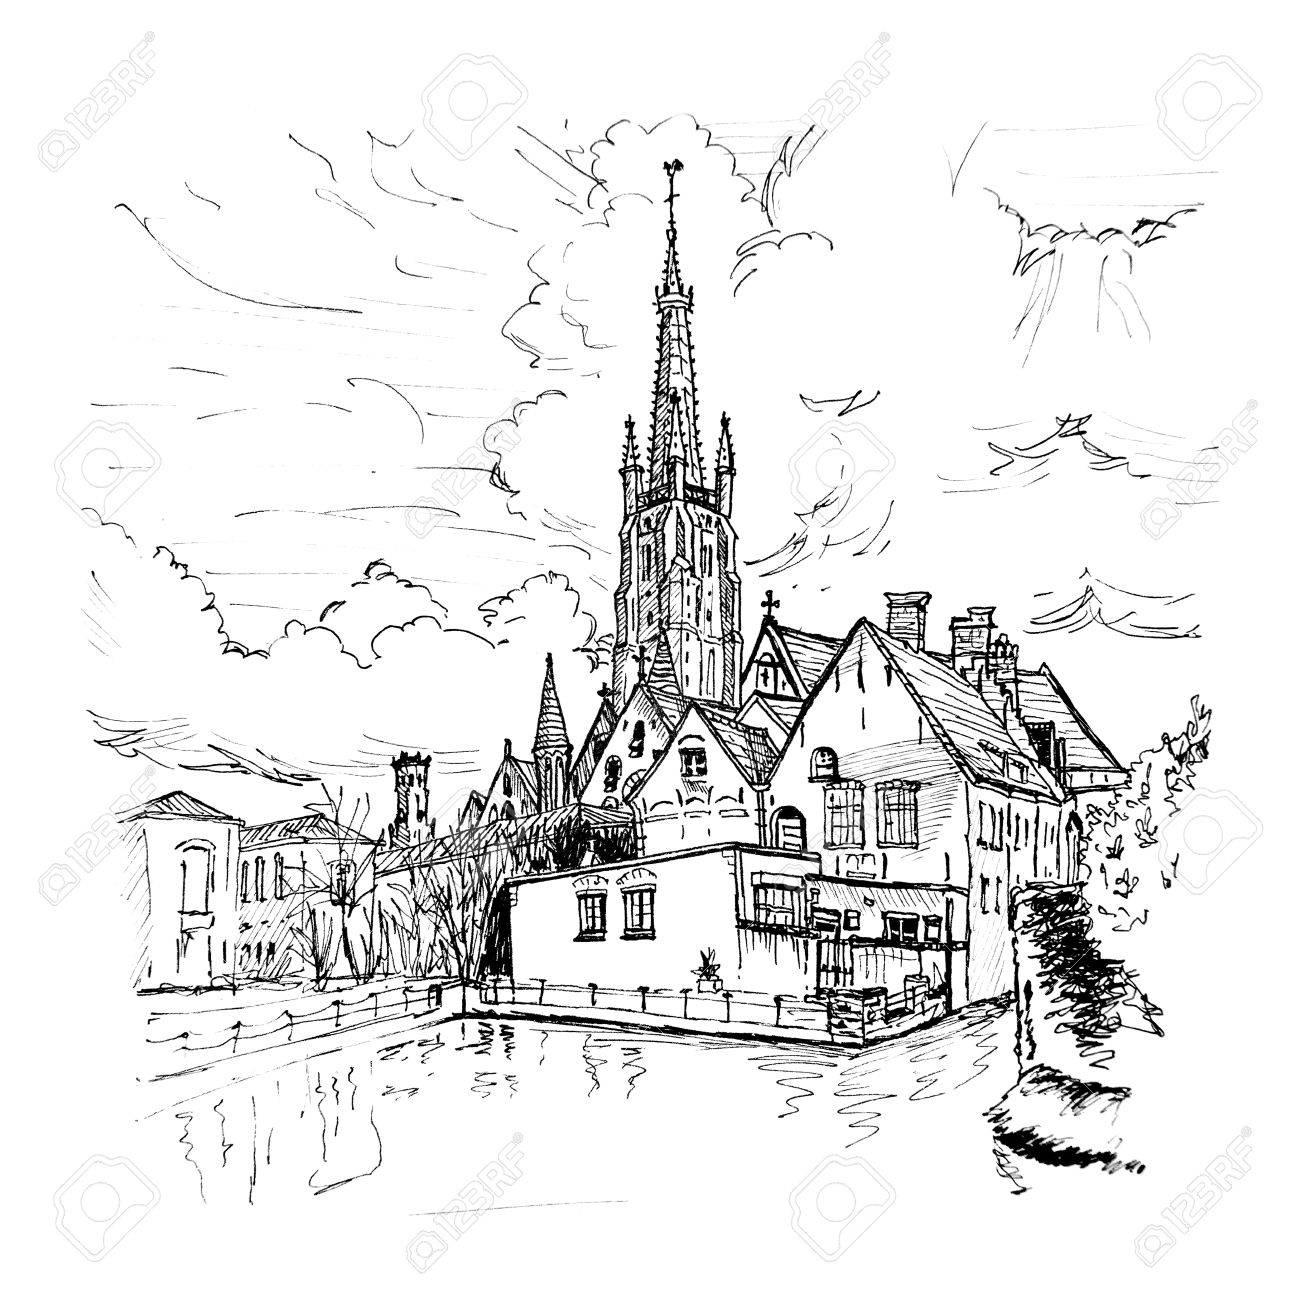 Dessin Noir Et Blanc à La Main Paysage Pittoresque De La Ville Avec Un Lac Lhôpital Old St Johns Et Léglise Notre Dame De Bruges En Belgique